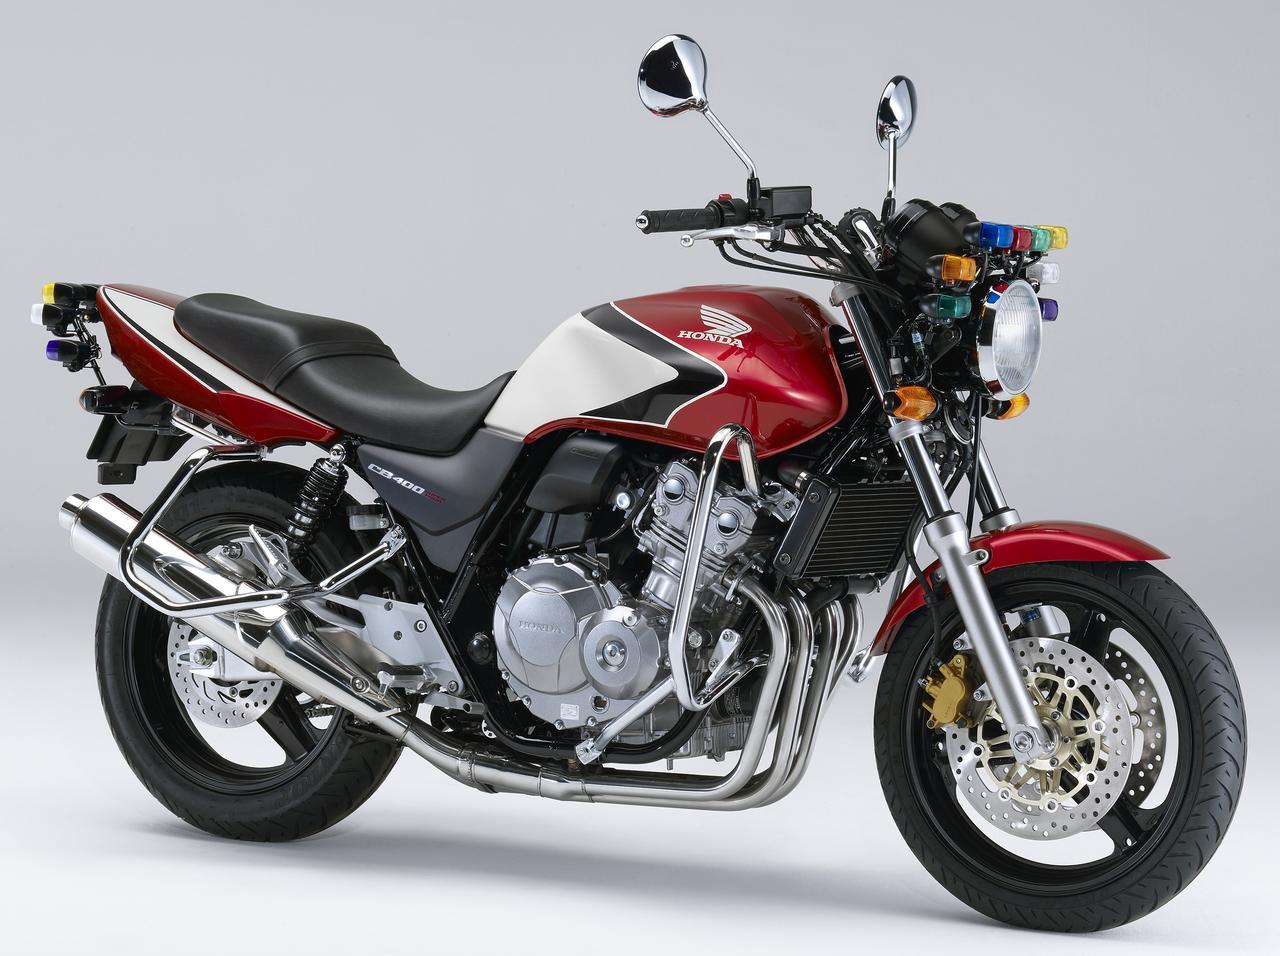 画像: CB400 SUPER FOUR(教習車仕様)(キャンディーブレイジングレッド)■税込価格:93万5280円